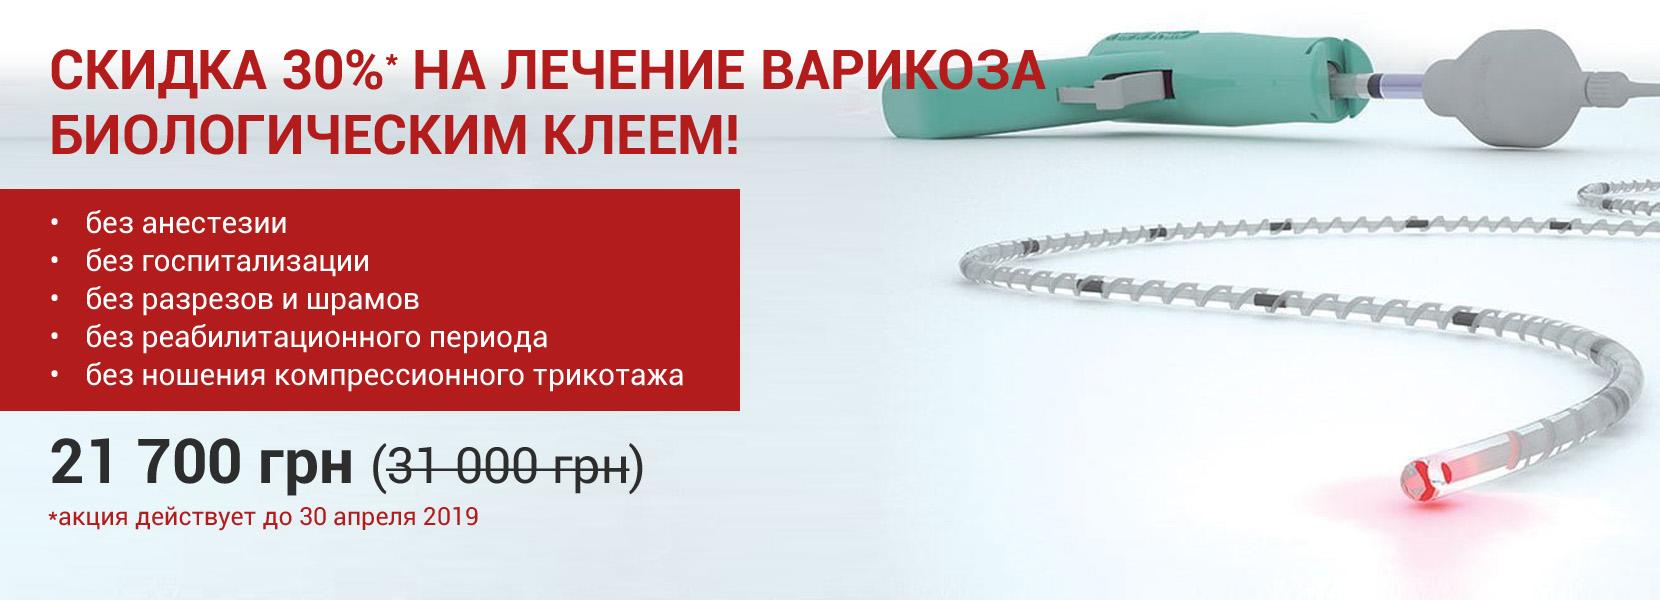 lechenie-varikoza-biologicheskim-kleem-venablock